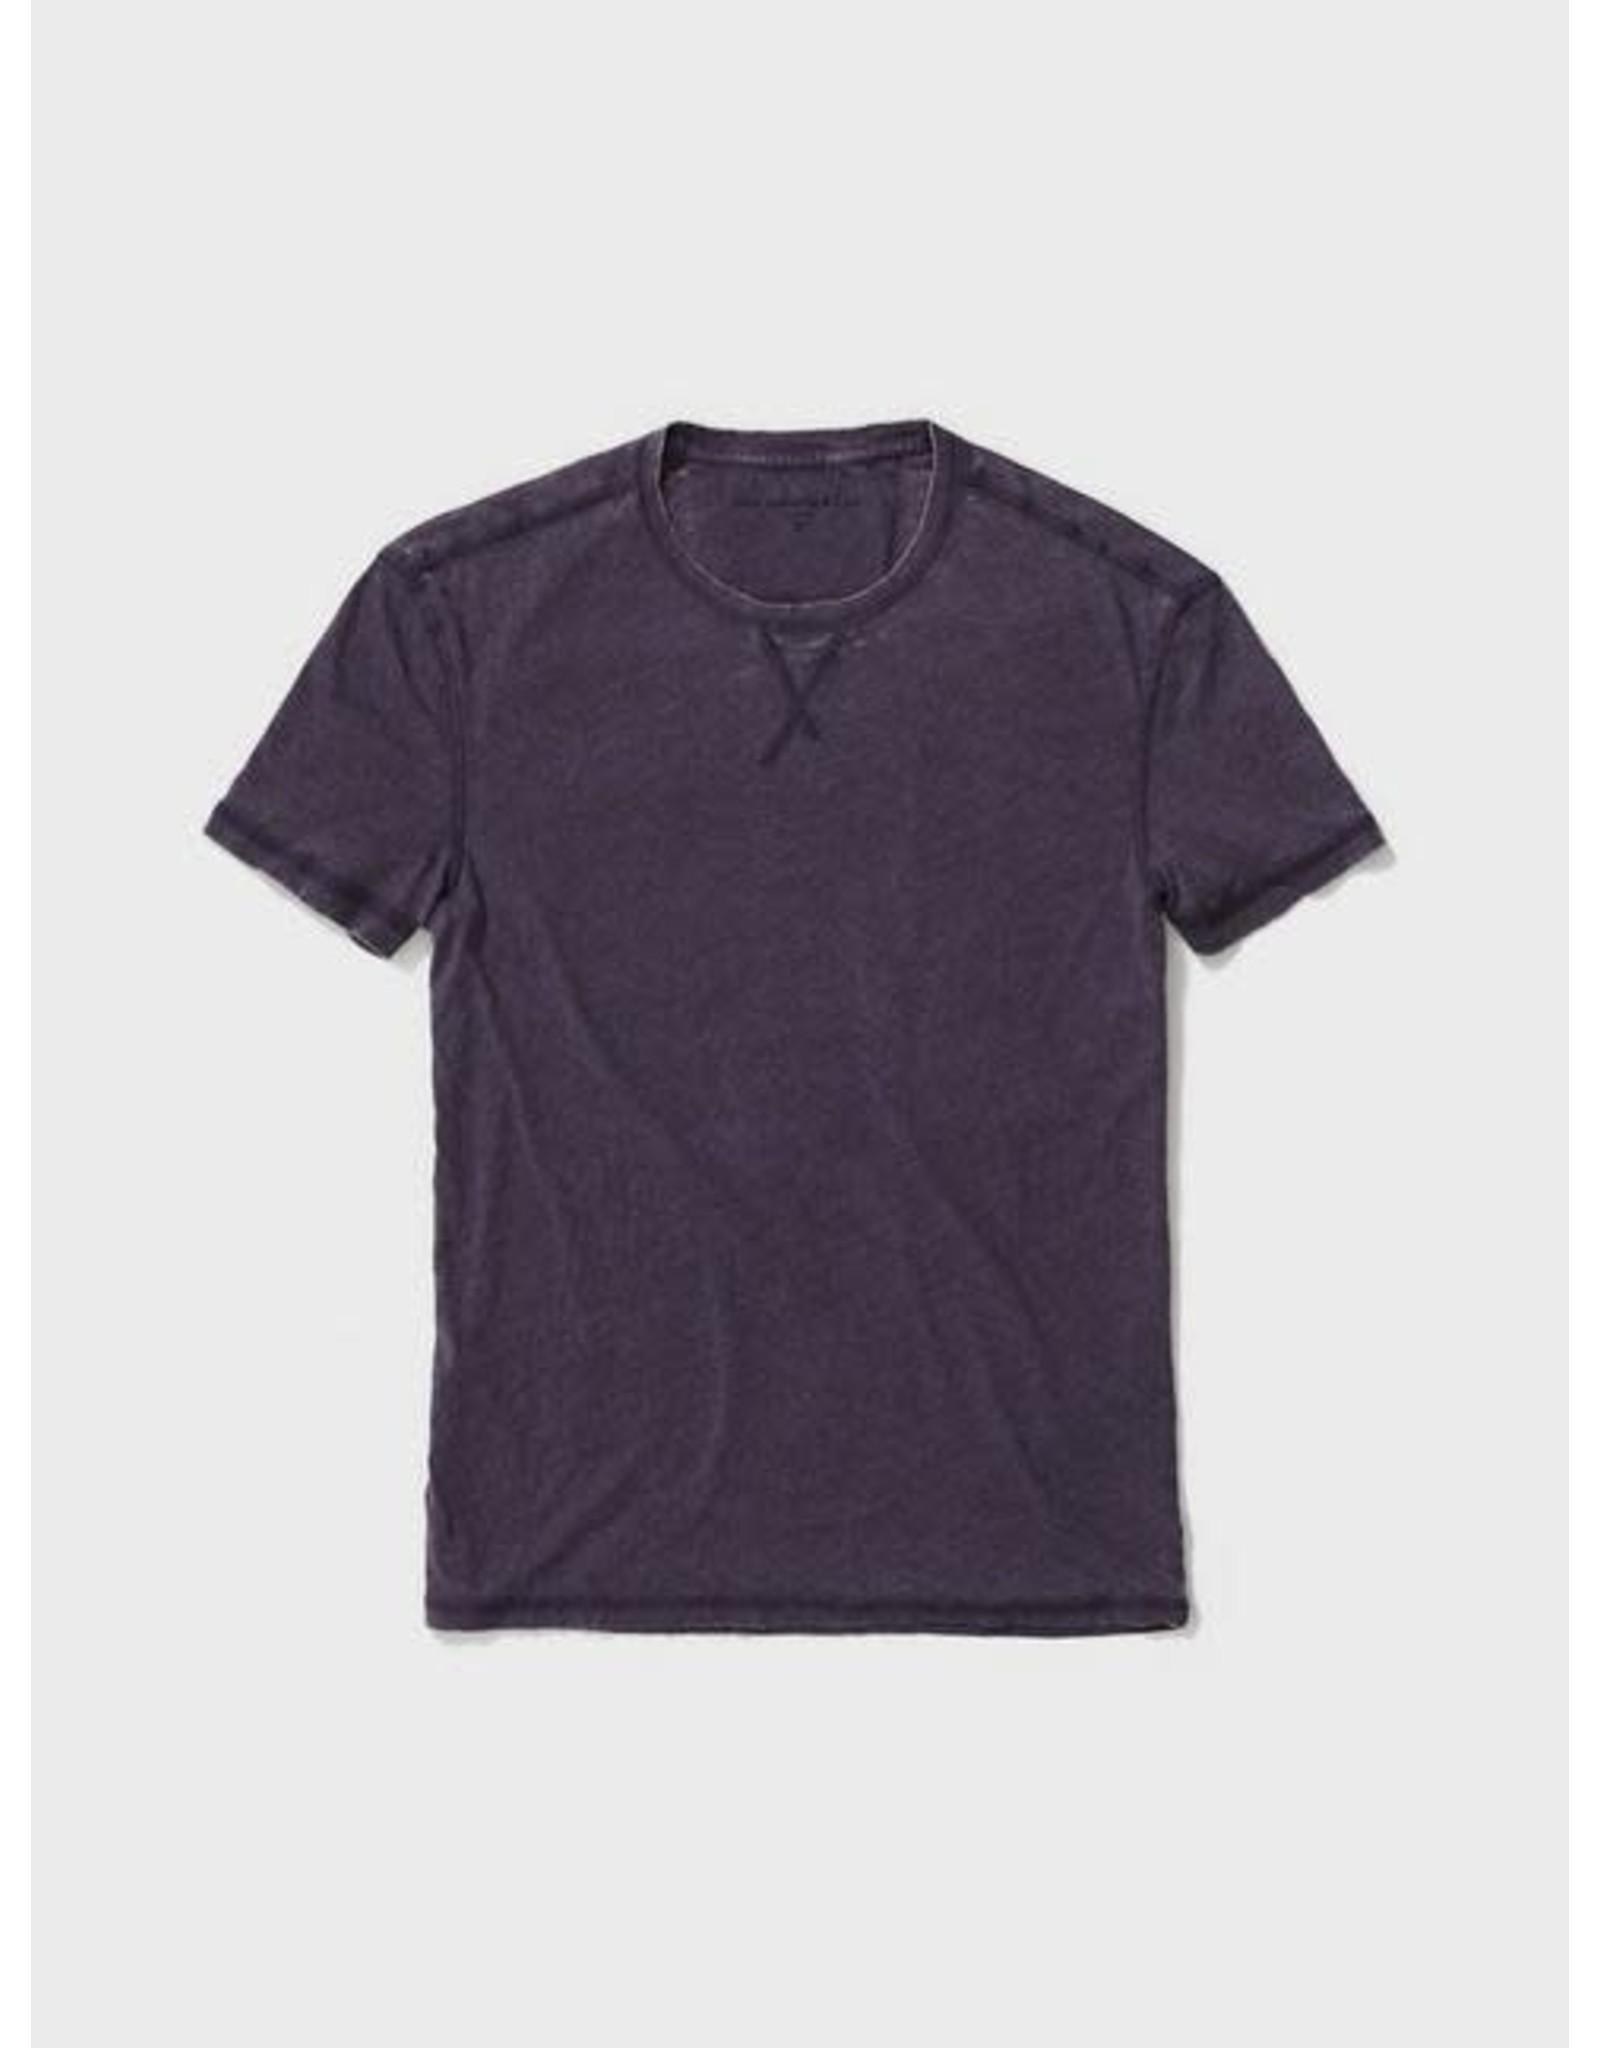 JOHN VARVATOS JOHN VARVATOS Short Sleeve Burnout - Purple